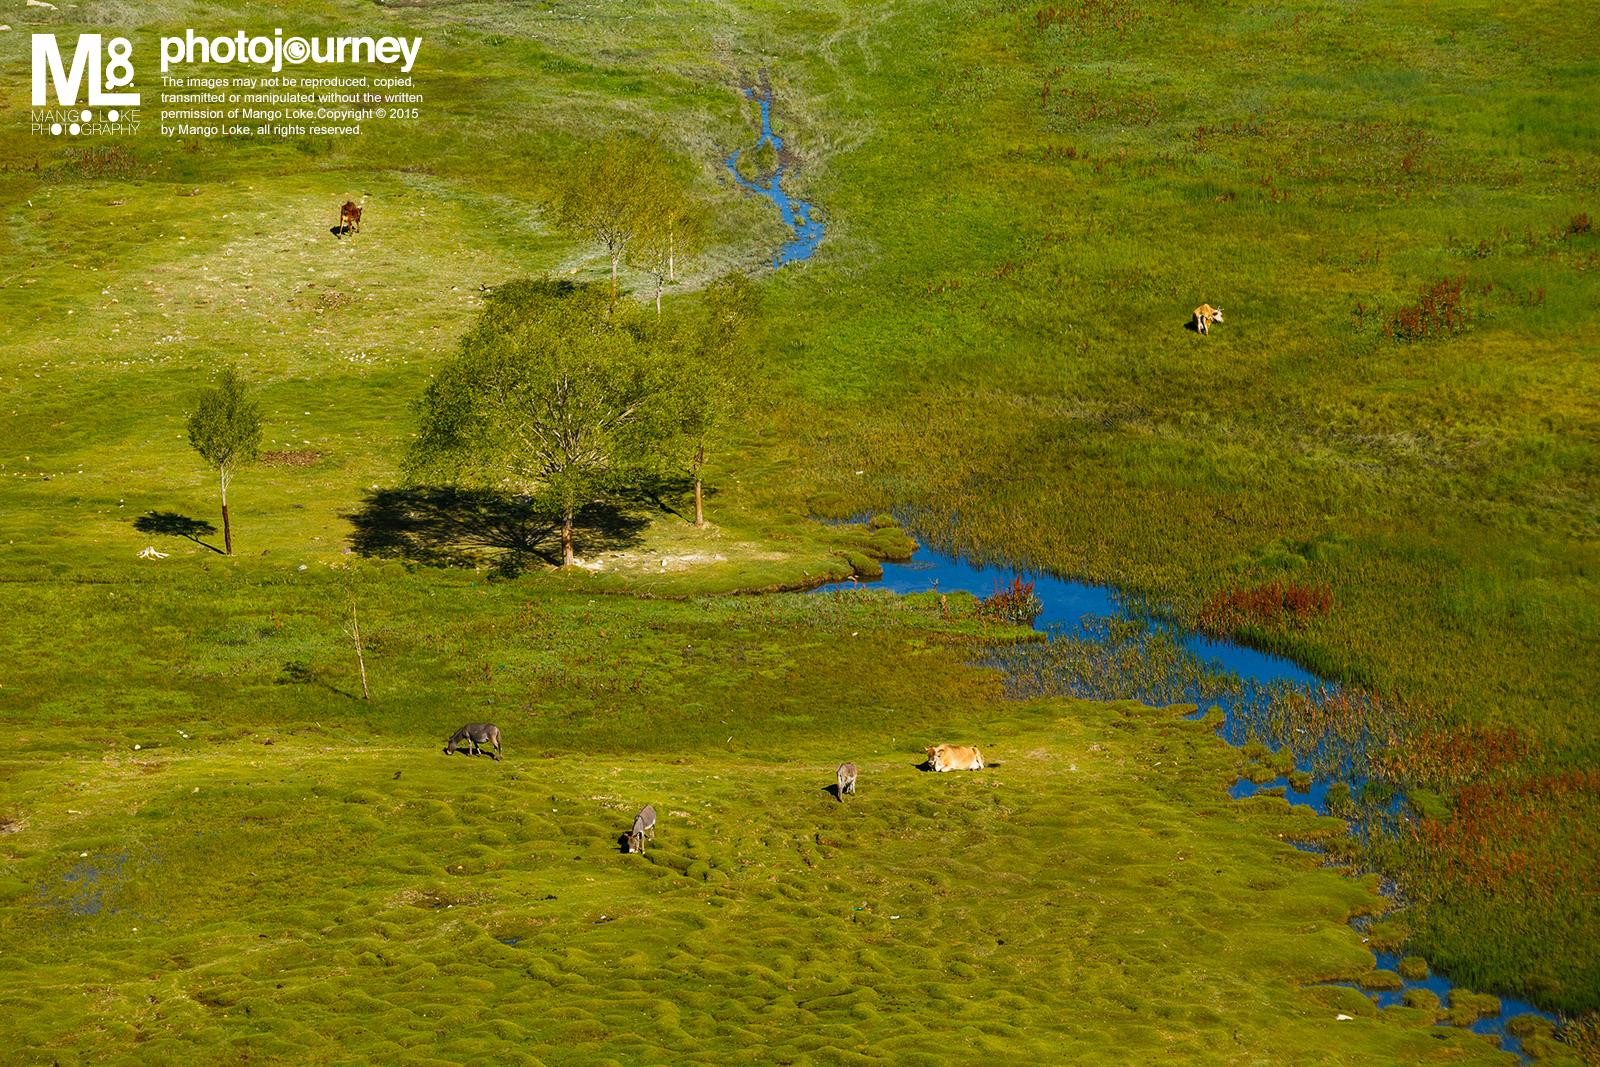 """自然与和谐.The Natural Harmony  印度. India.2013CANON1DX 70-200MM F2.8L 1/500 F8.0ISO320  在印度Leh郊外以南十五公里处有一寺庙Shey Monastry. 在寺庙正前方有一湖叫做圣鱼湖Holy Fish Pond. 此圣鱼湖非常小,""""圣 鱼""""不多,只有几条隐隐约约在湖里漫游,  小湖中竖立了一个残旧的名牌,湖边杂草丛生。 在平地看过去这只是一个平平无奇而且还有少许荒废的小湖  何以称为Holy Fish Pond?我真是不解. 然而,当我爬上了Shey Monastery最高处. 由高角度的方向望下, 平平无奇的Holy Fish Pond却让我看见了另一番面貌.  湖水的支流  反映着天空的  深蓝  ,犹如画笔画过哪  看似苲草丛生却  青绿  的草地  草地上有几只零散悠游放牧的黄牛与灰棕色的驴子 位置正好围着草地中的一棵大树,形成一个圈的形状 加上带着棕红的水草,红黄蓝青的主色都齐全了 多么自然和谐的一副画面啊:)  凡是都有两面,试着换个角度,看似荒废的可能也有其美丽的一面. 摄影如此,做人如此也."""